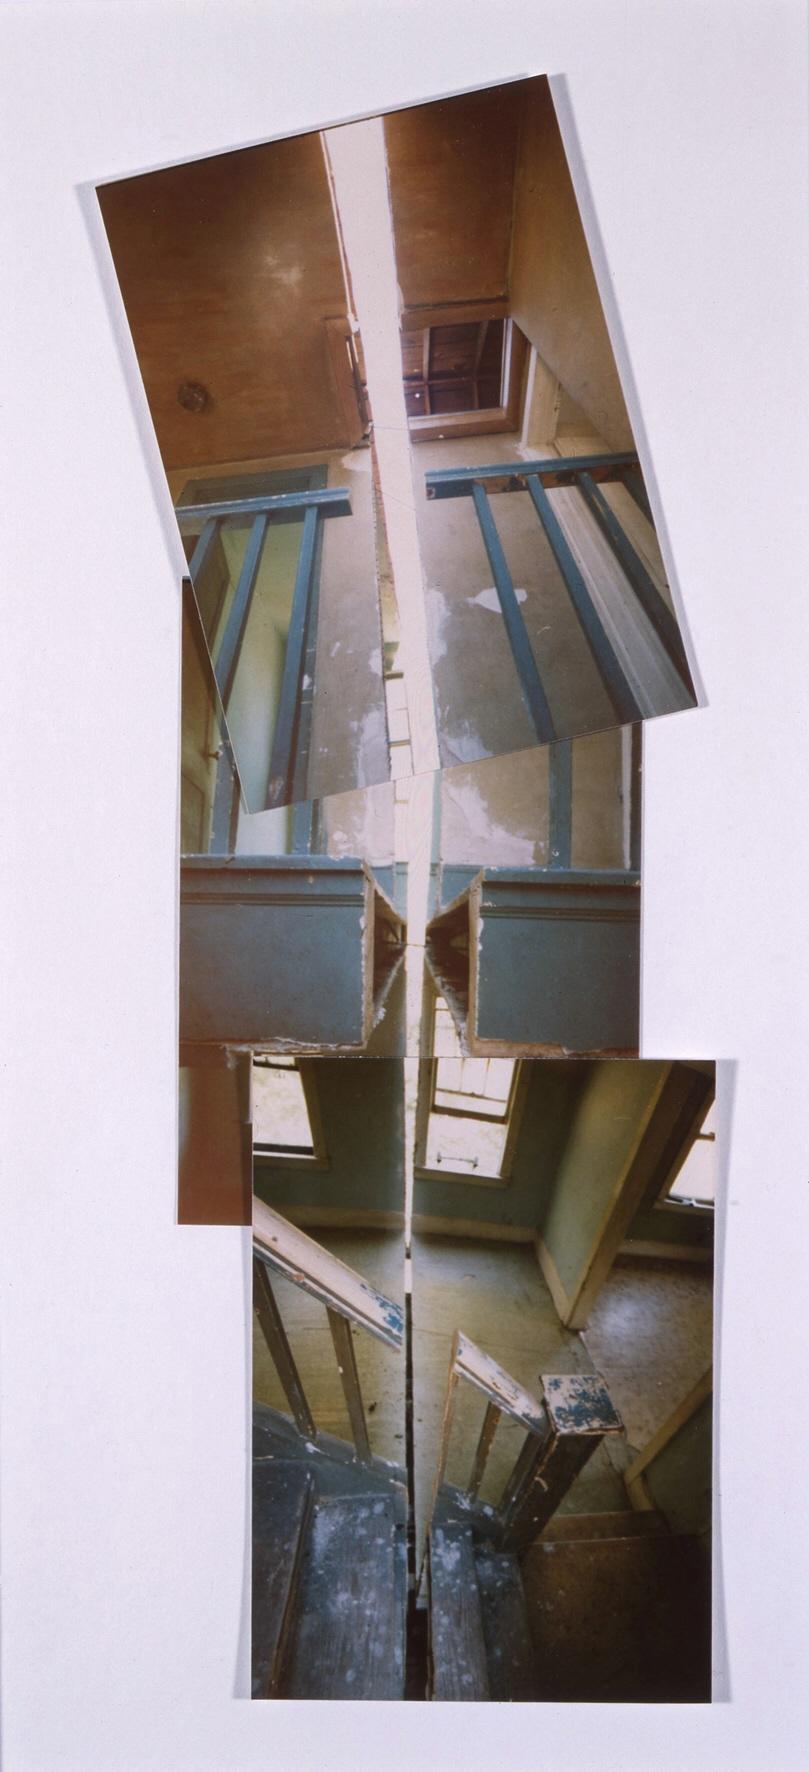 Splitting (1974) - Gordon Matta-Clark